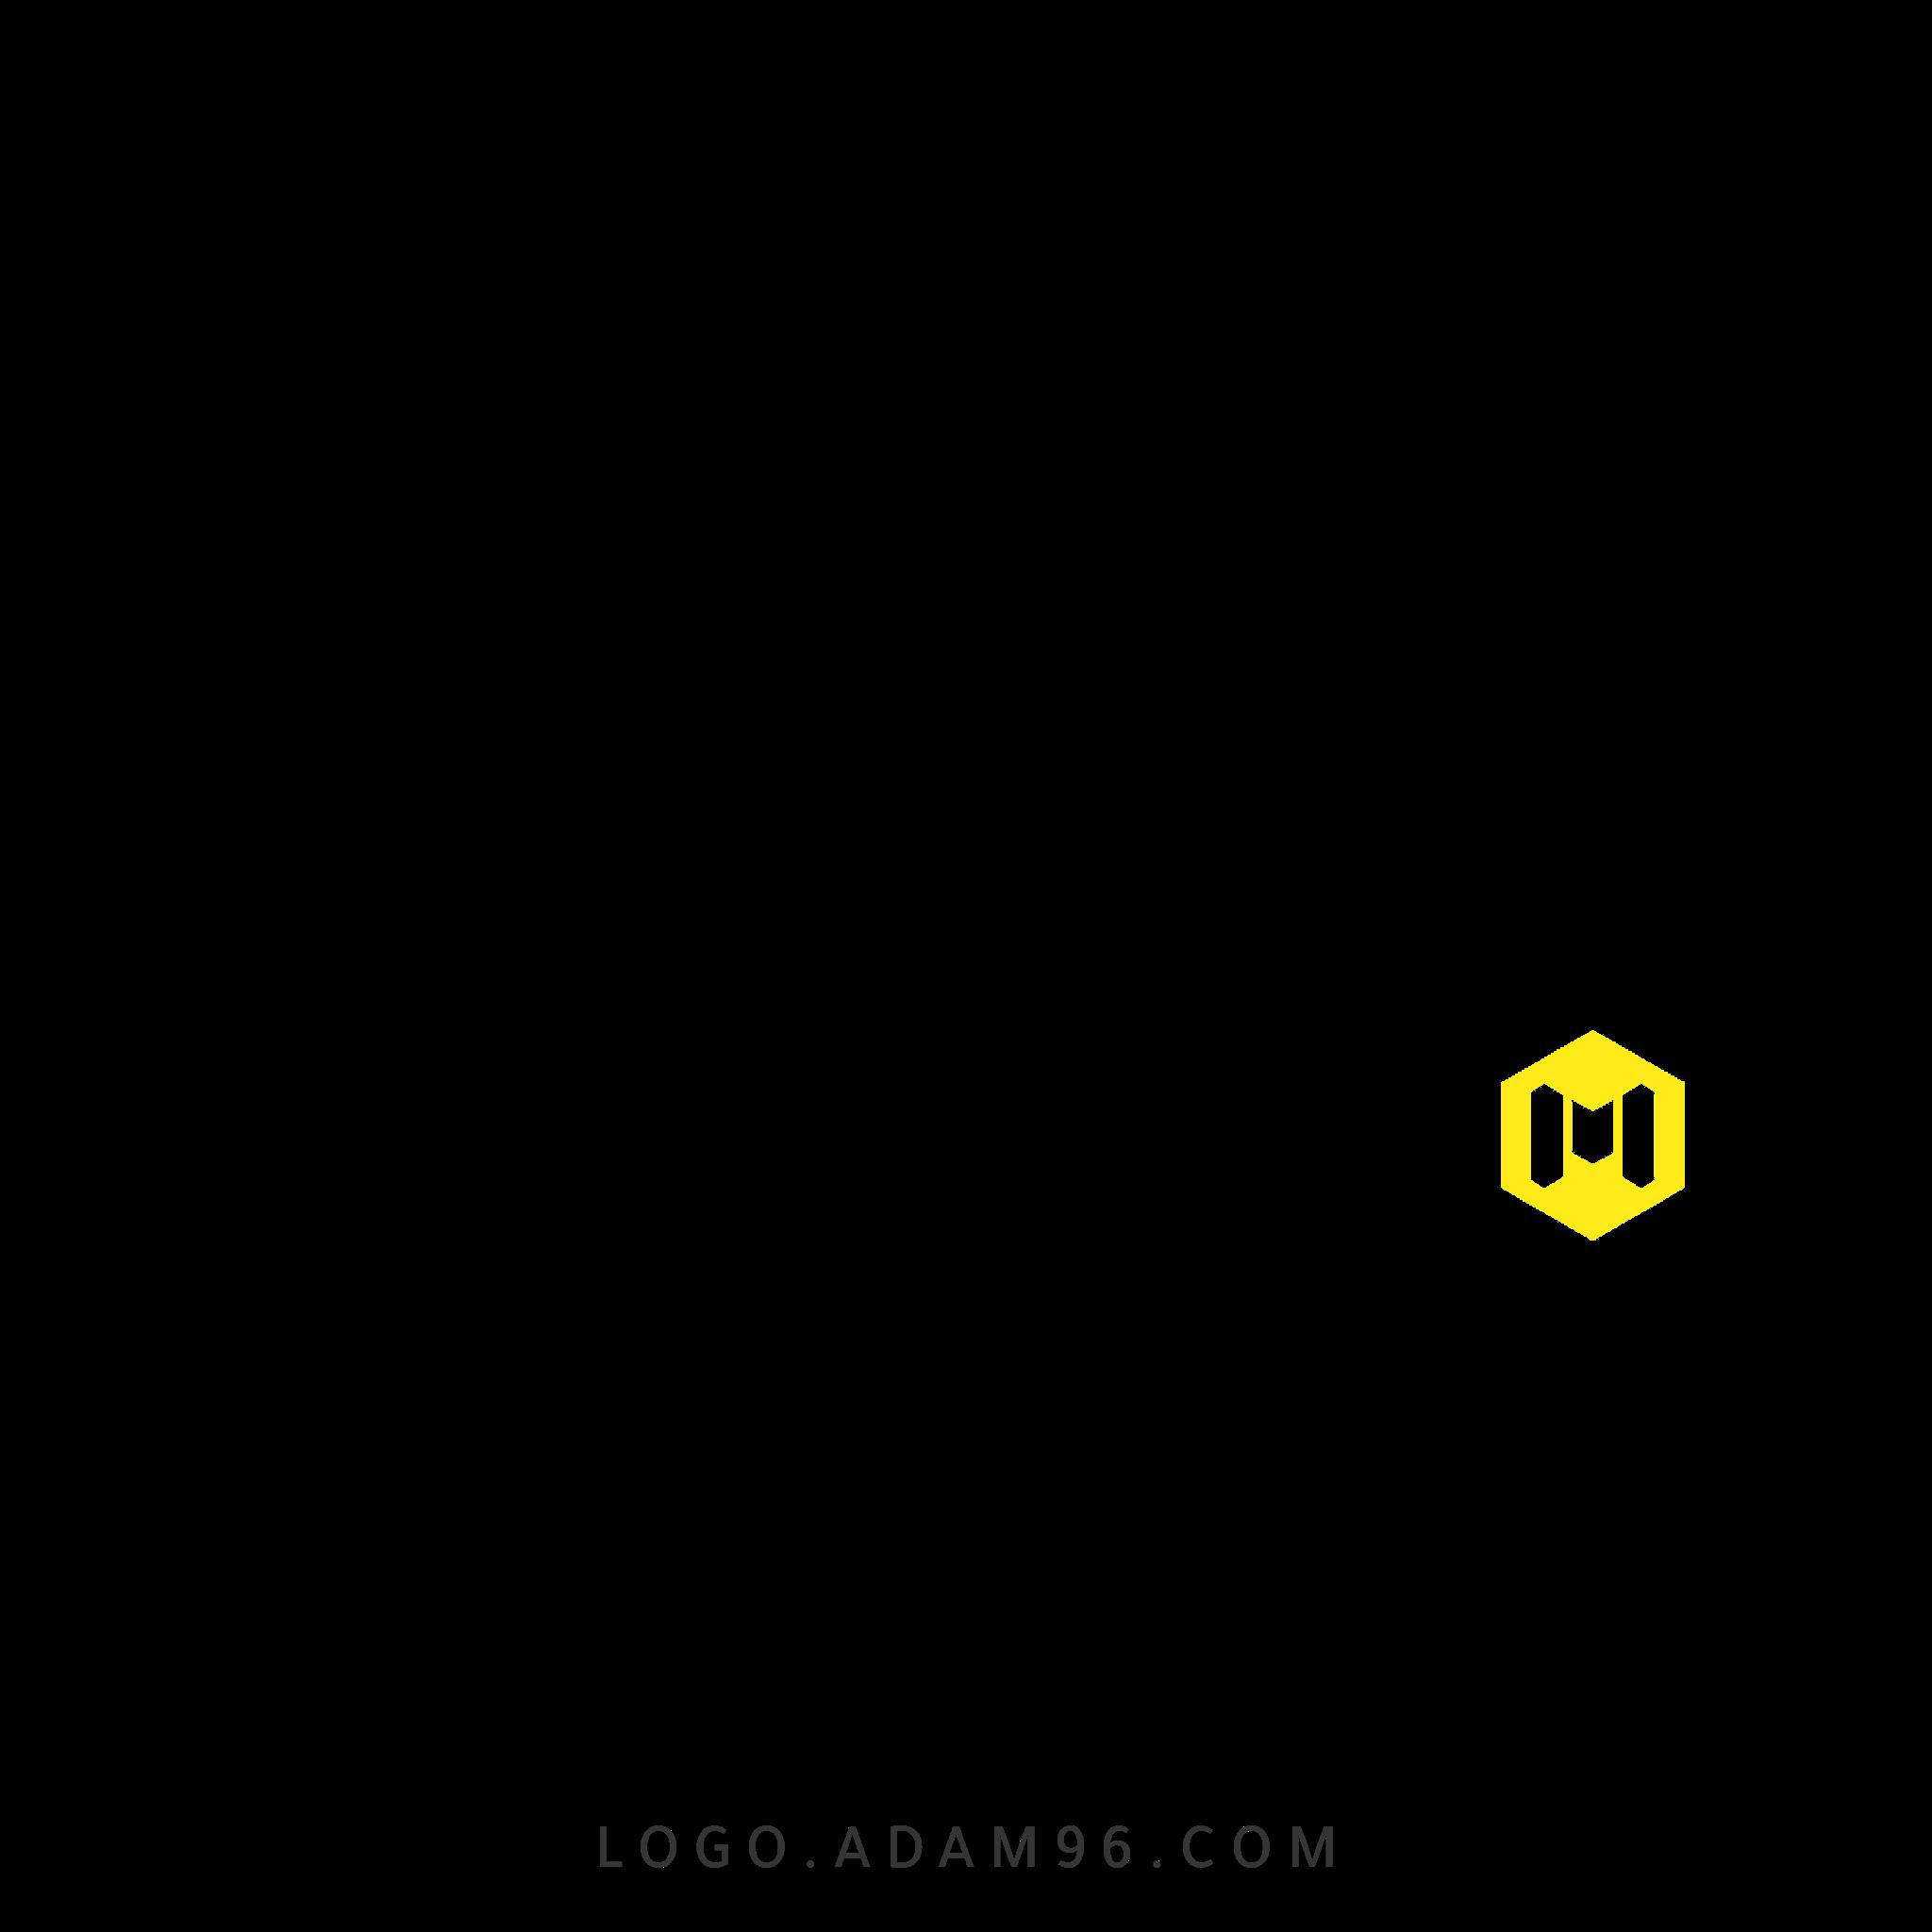 تحميل شعار كول اوف ديوتي موبايل لوجو رسمي عالي الدقة Logo Call Of Duty Mobile PNG